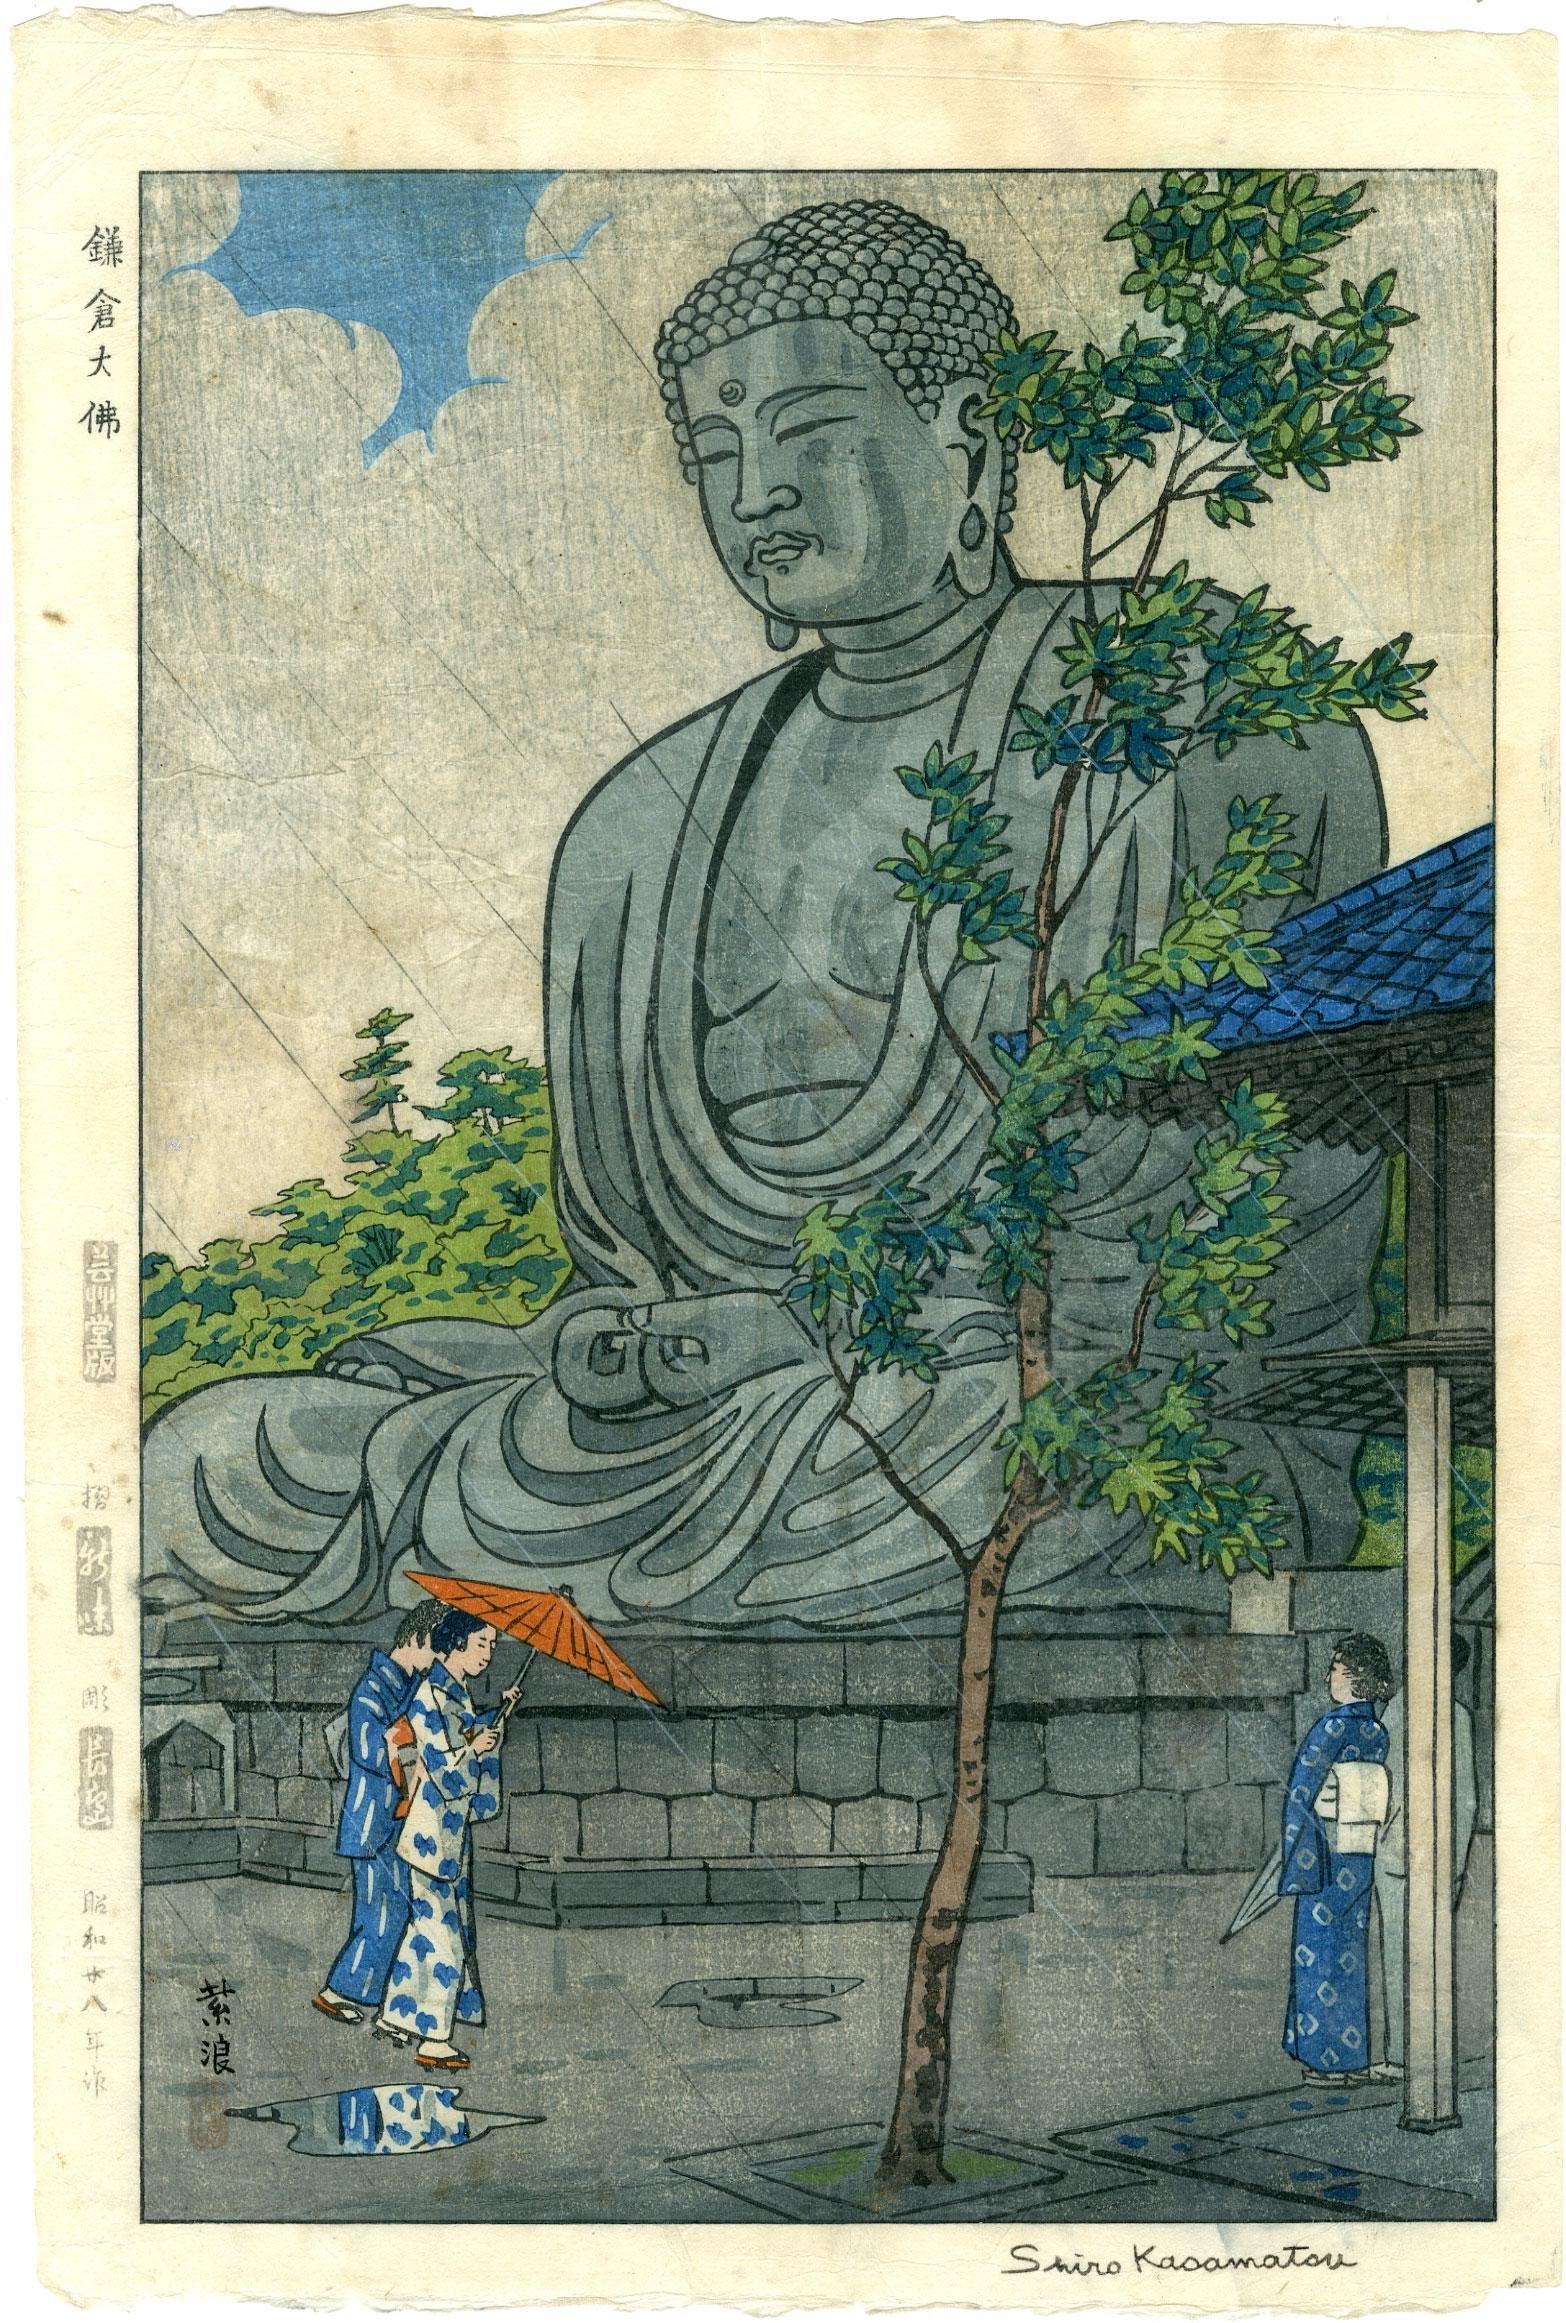 Shiro Kasamatsu: Buddha at Kamakura 1953 1st Ed.